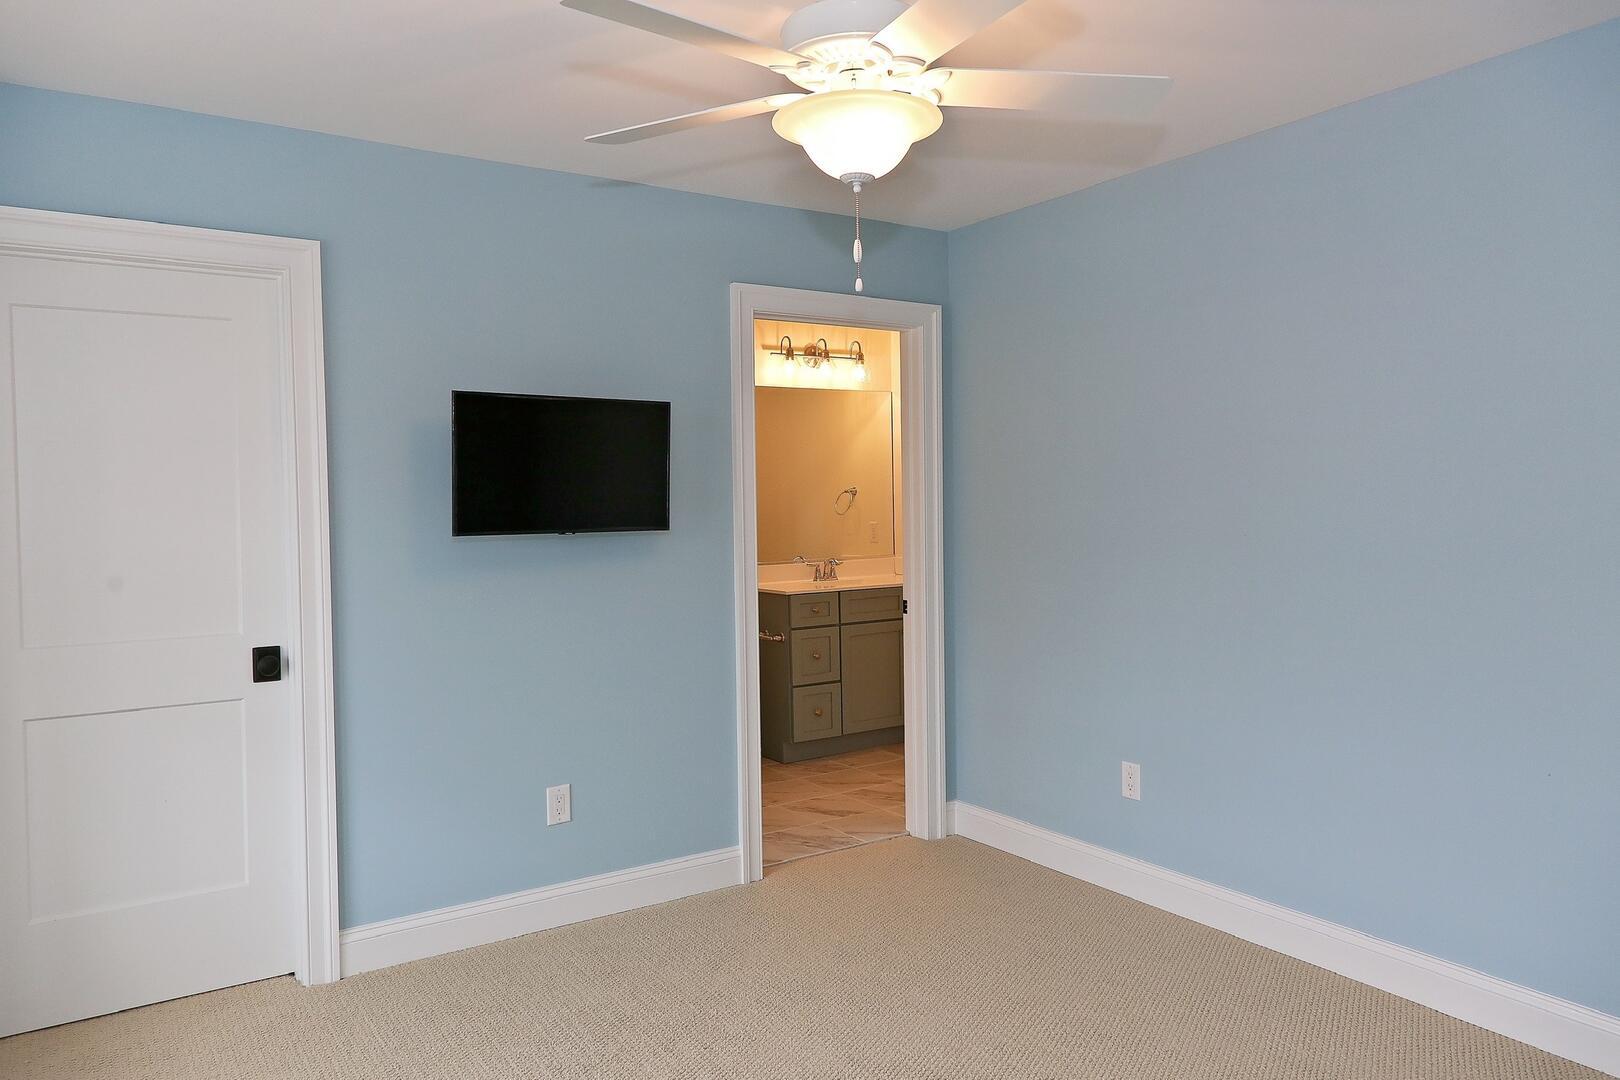 Bedroom - 1611 King and Coastal